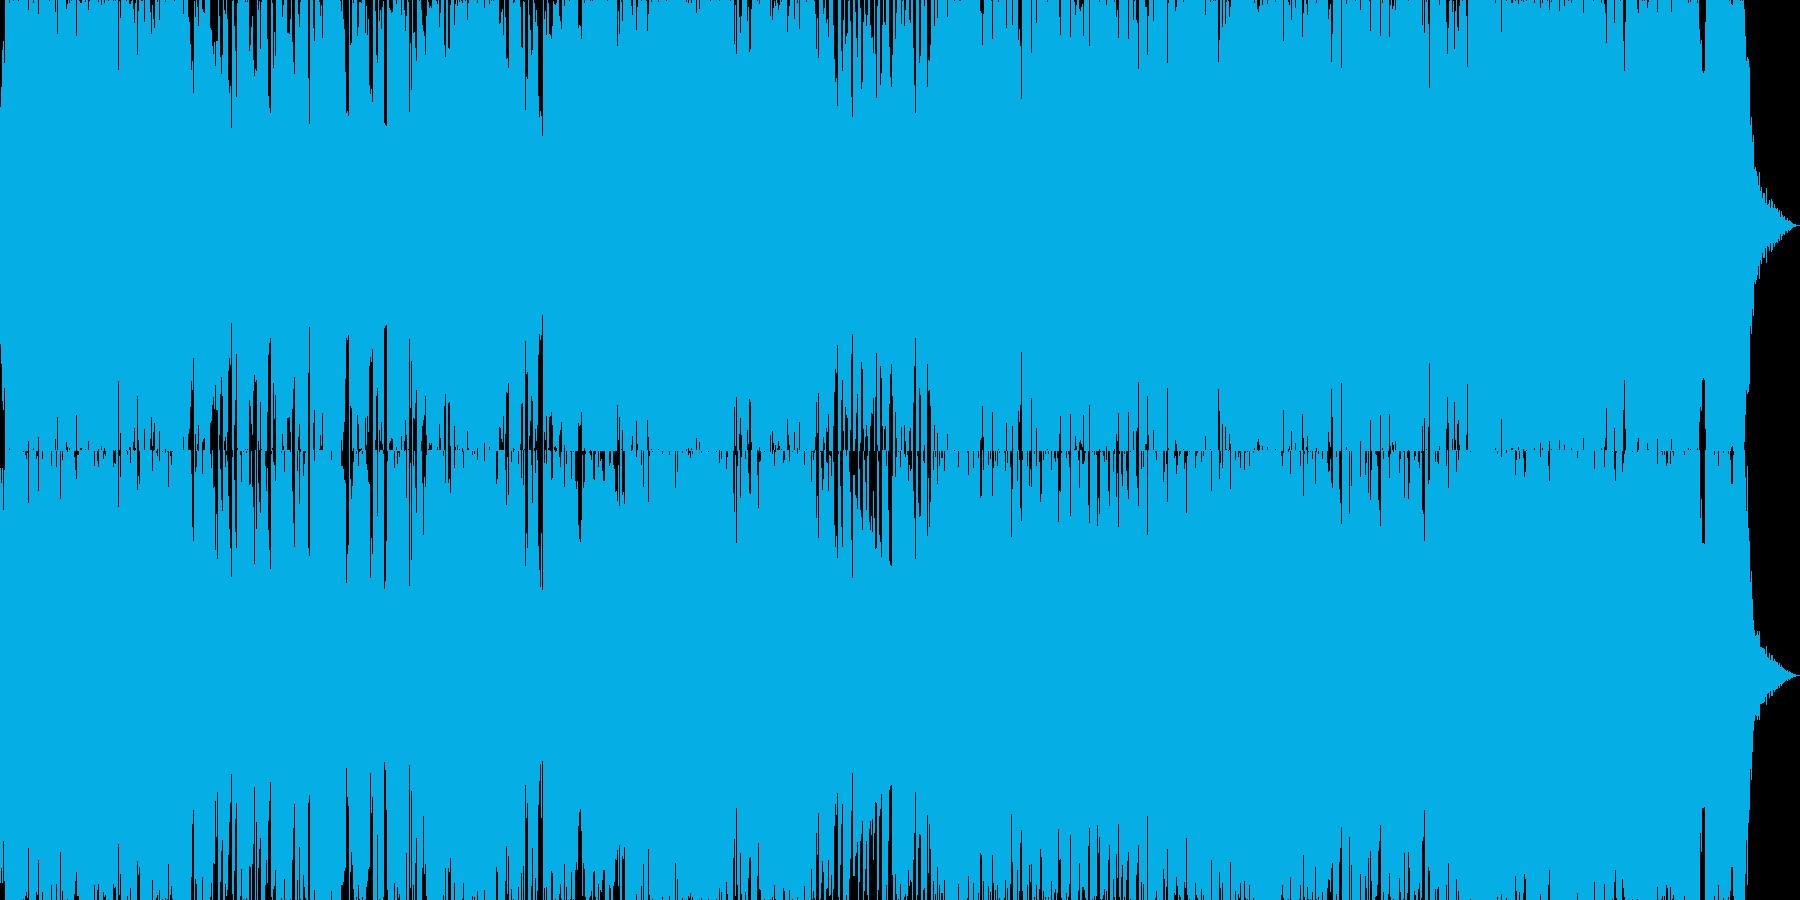 ファンキーでご機嫌なブルージーポップの再生済みの波形